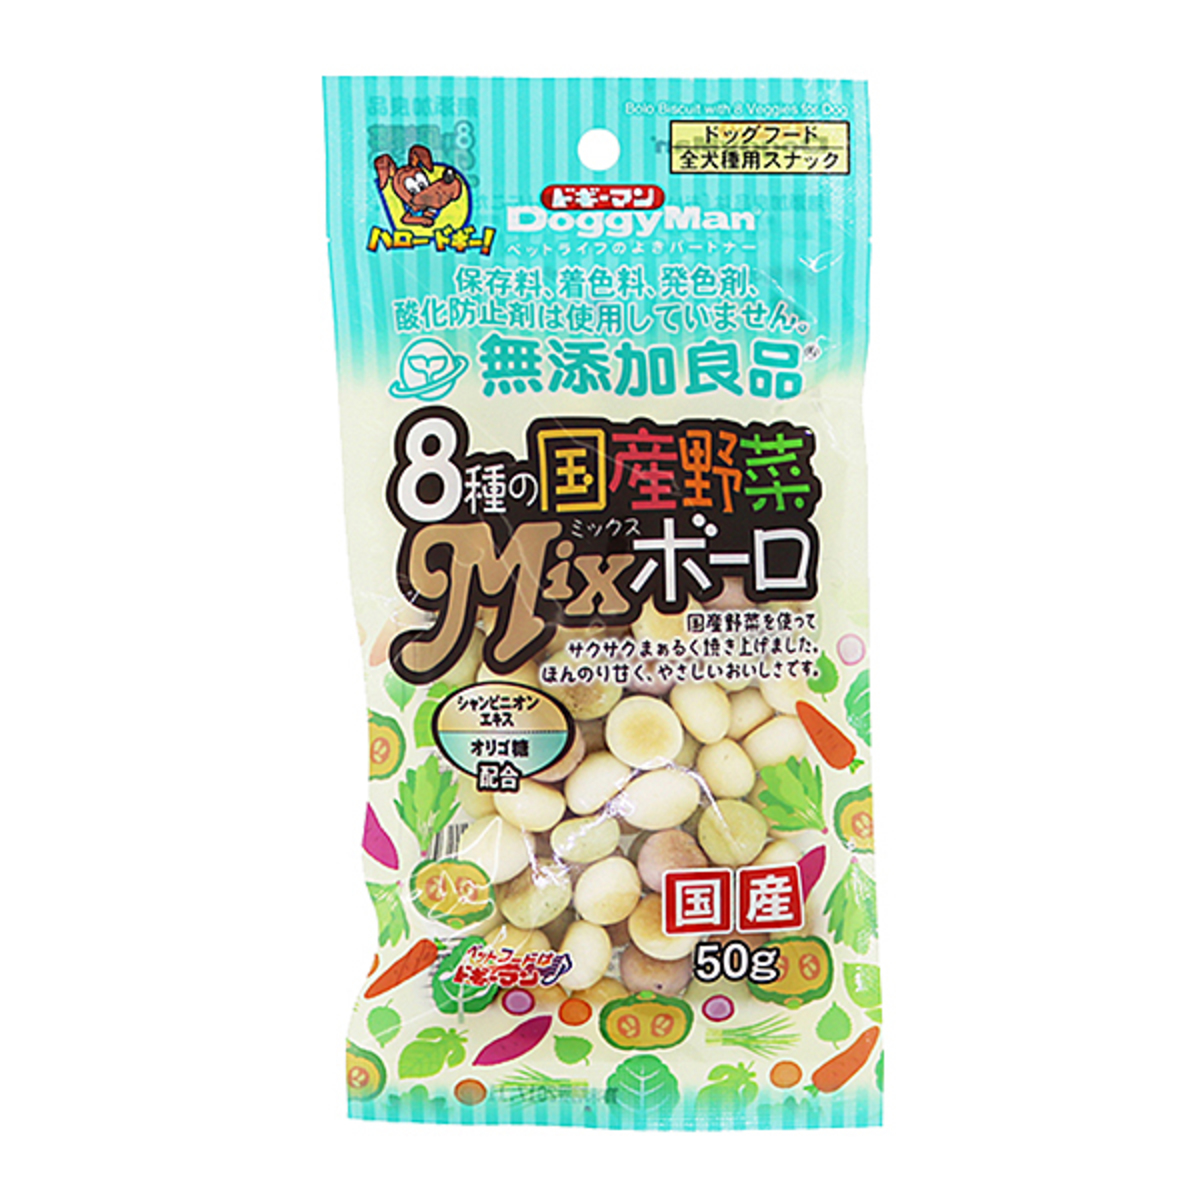 8種野菜水泡餅 - 160g